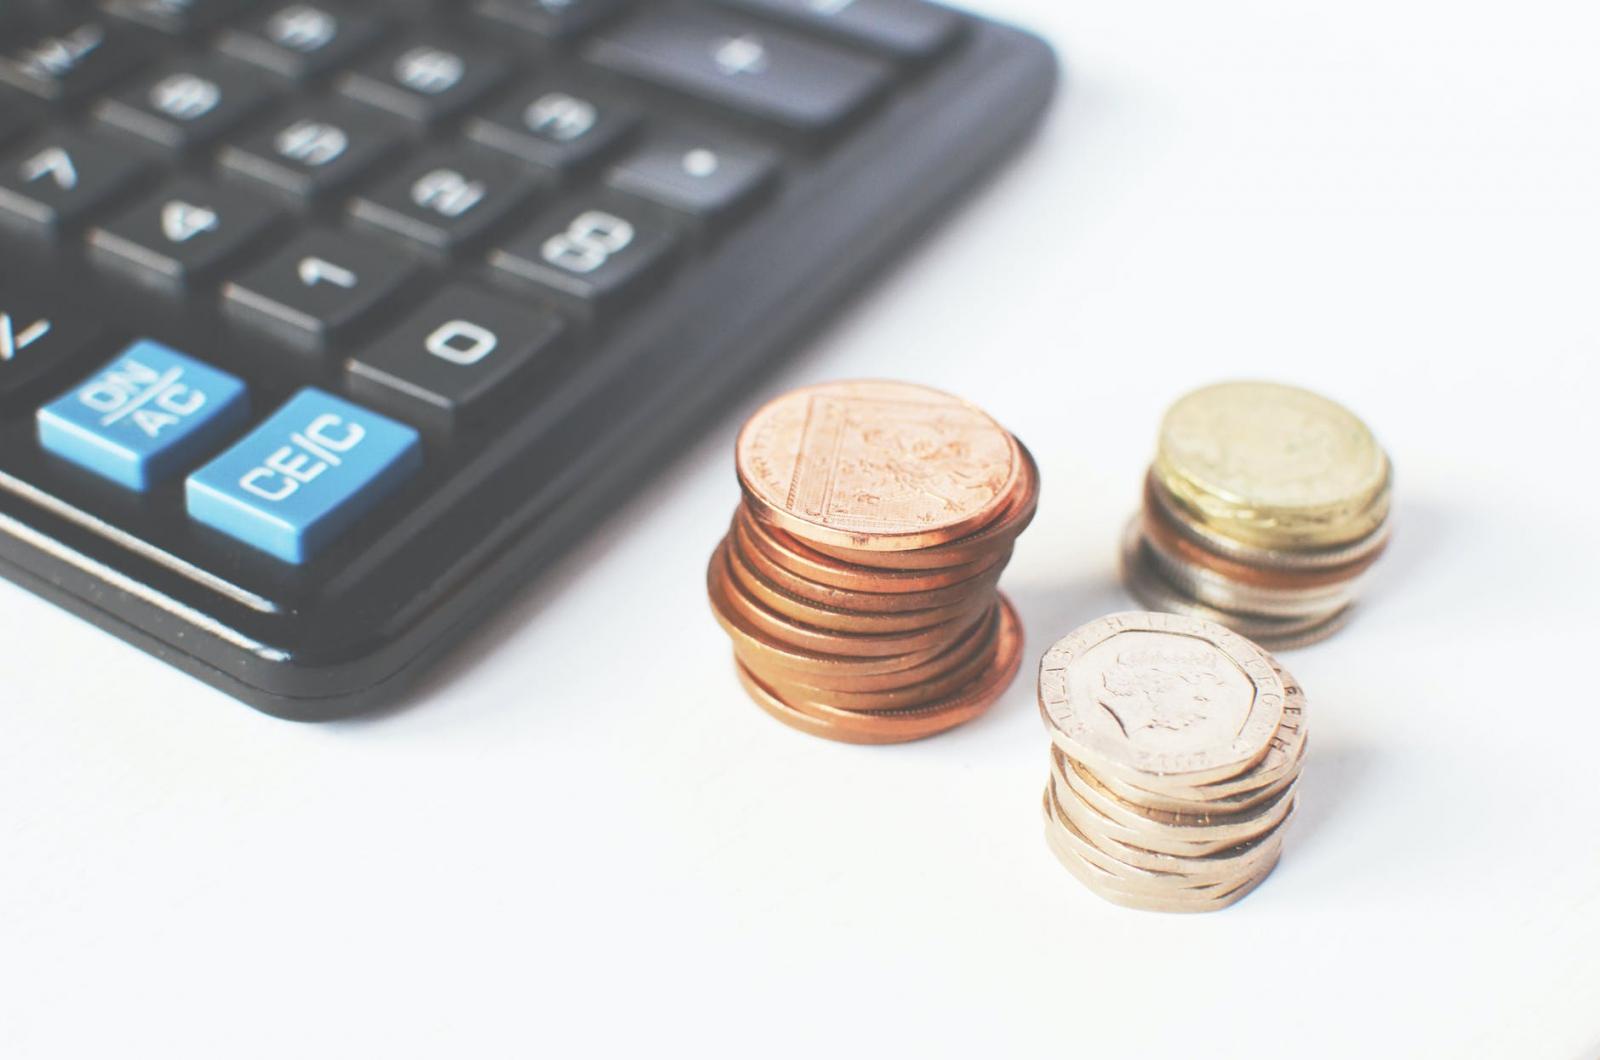 【理財專知】什麼是被動收入?該如何創造呢?3種方法看這裡